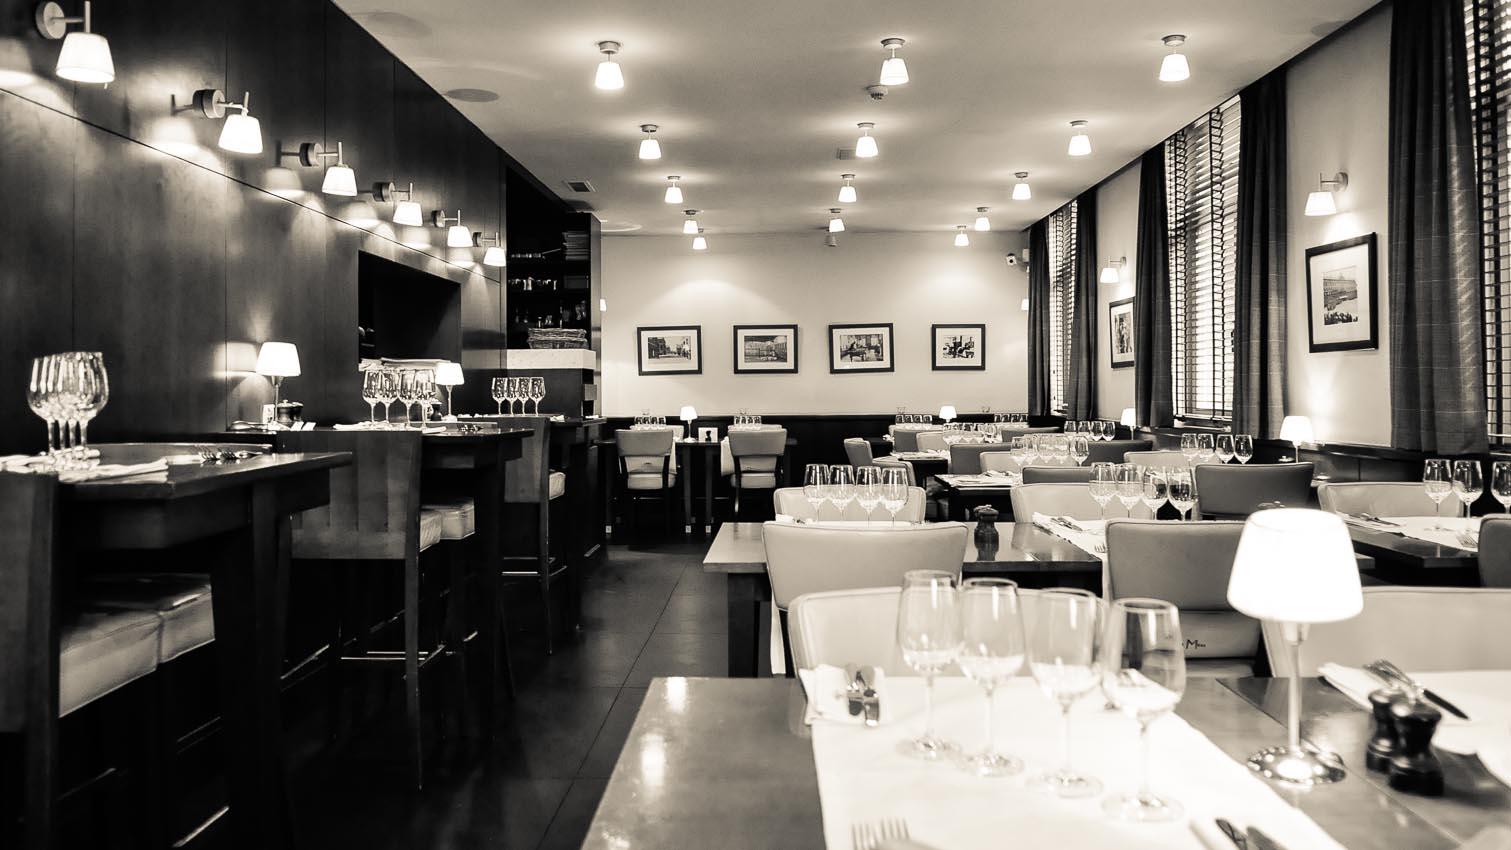 06-cafe-bar-resto-nightclub-decors-film-cinema-photo-belgium-bruxelles